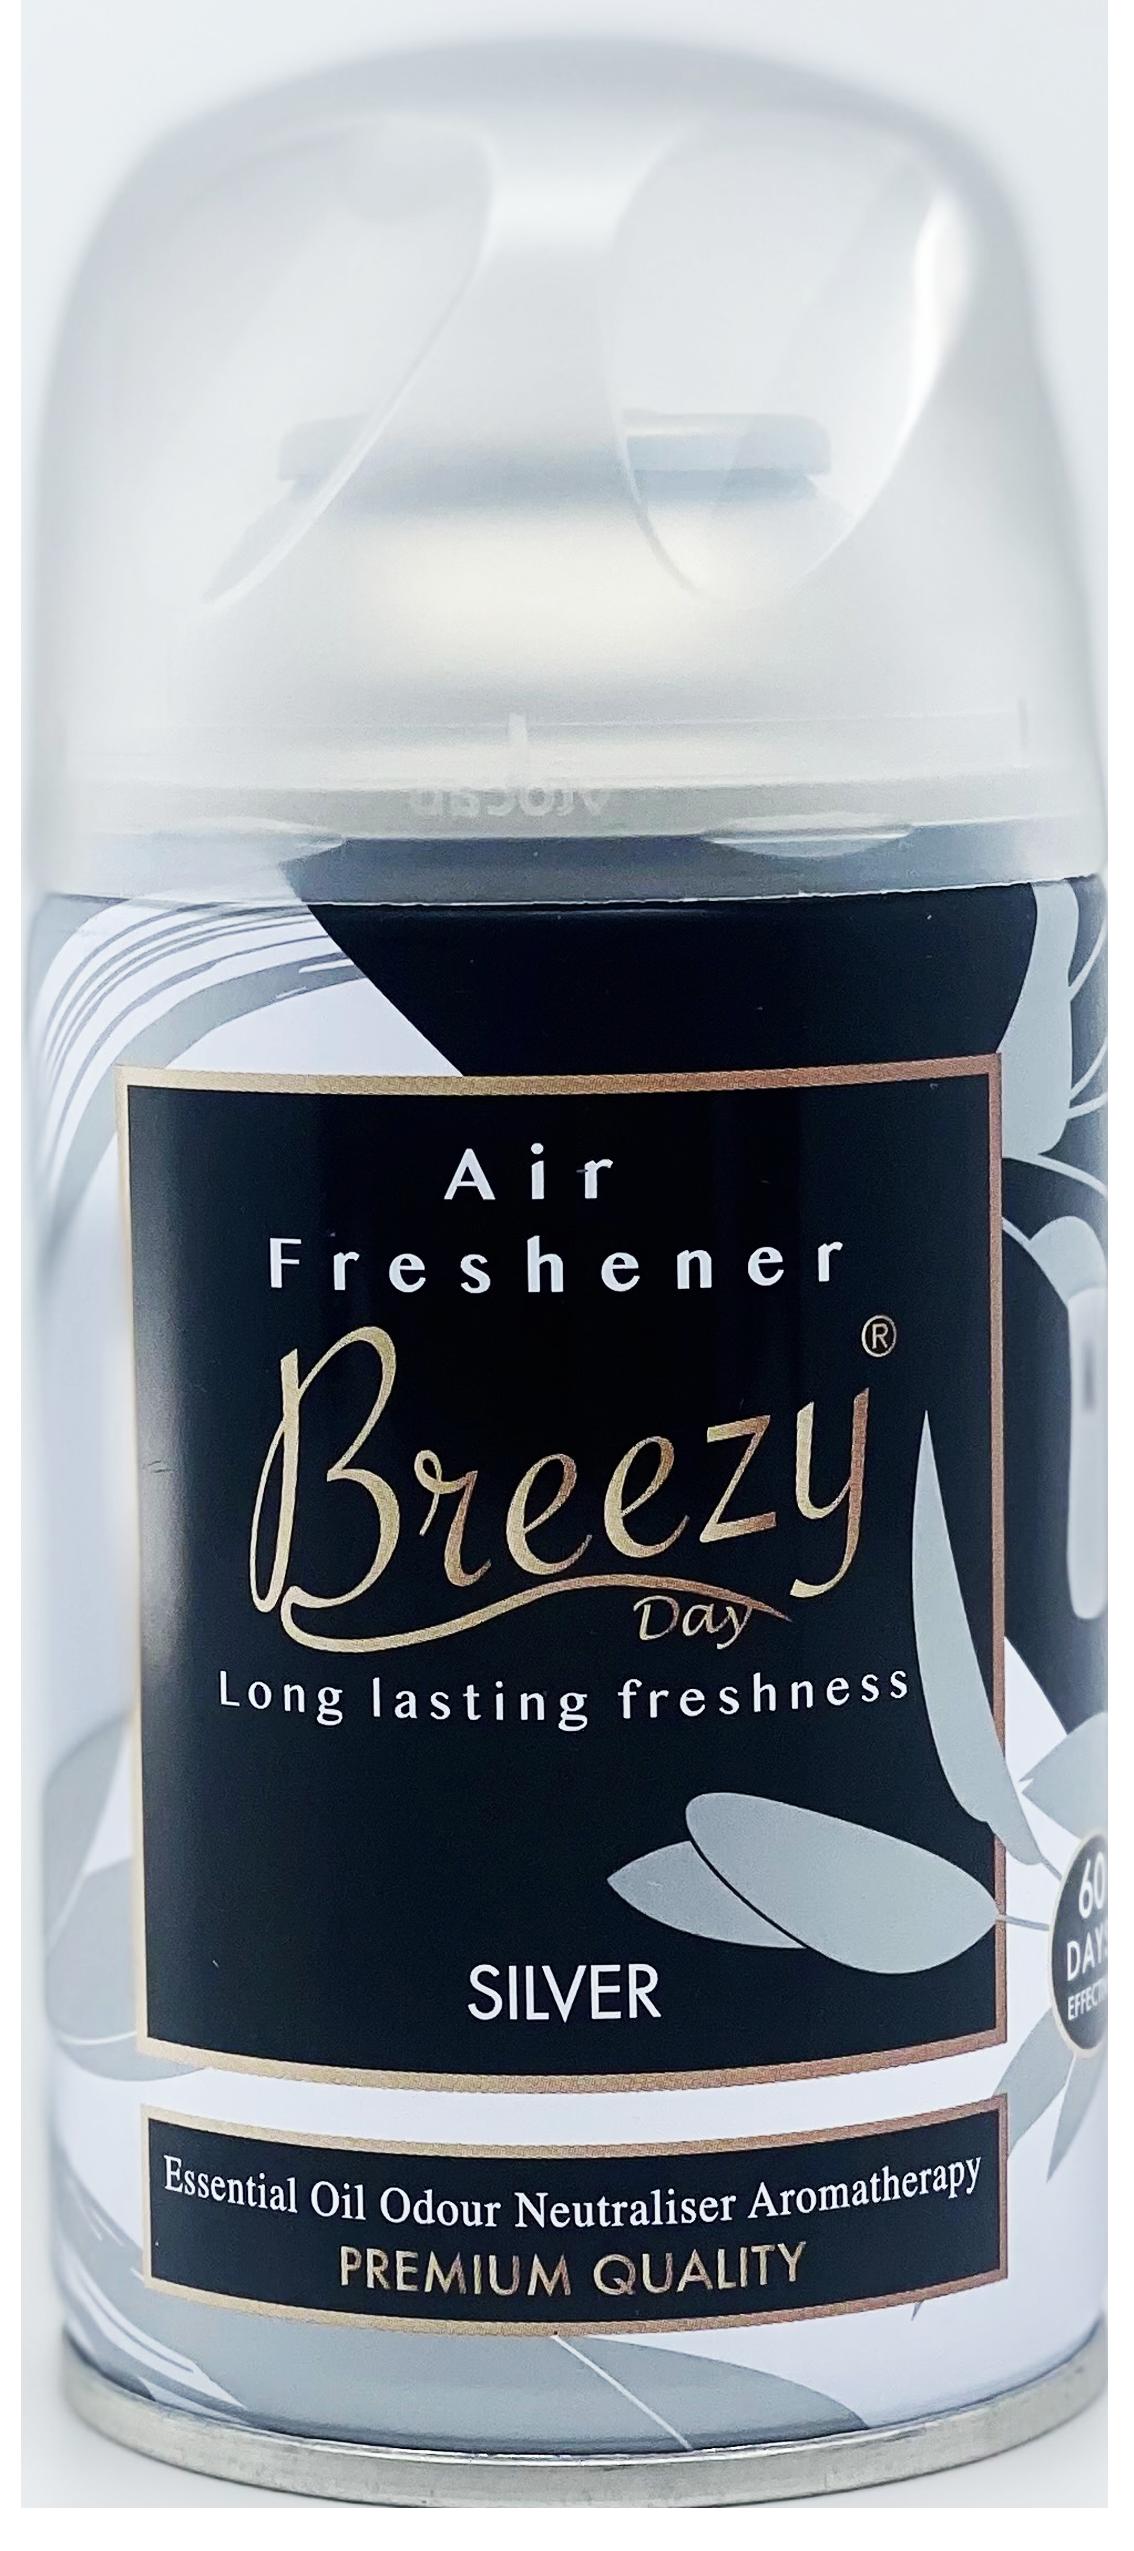 Breezy Silver